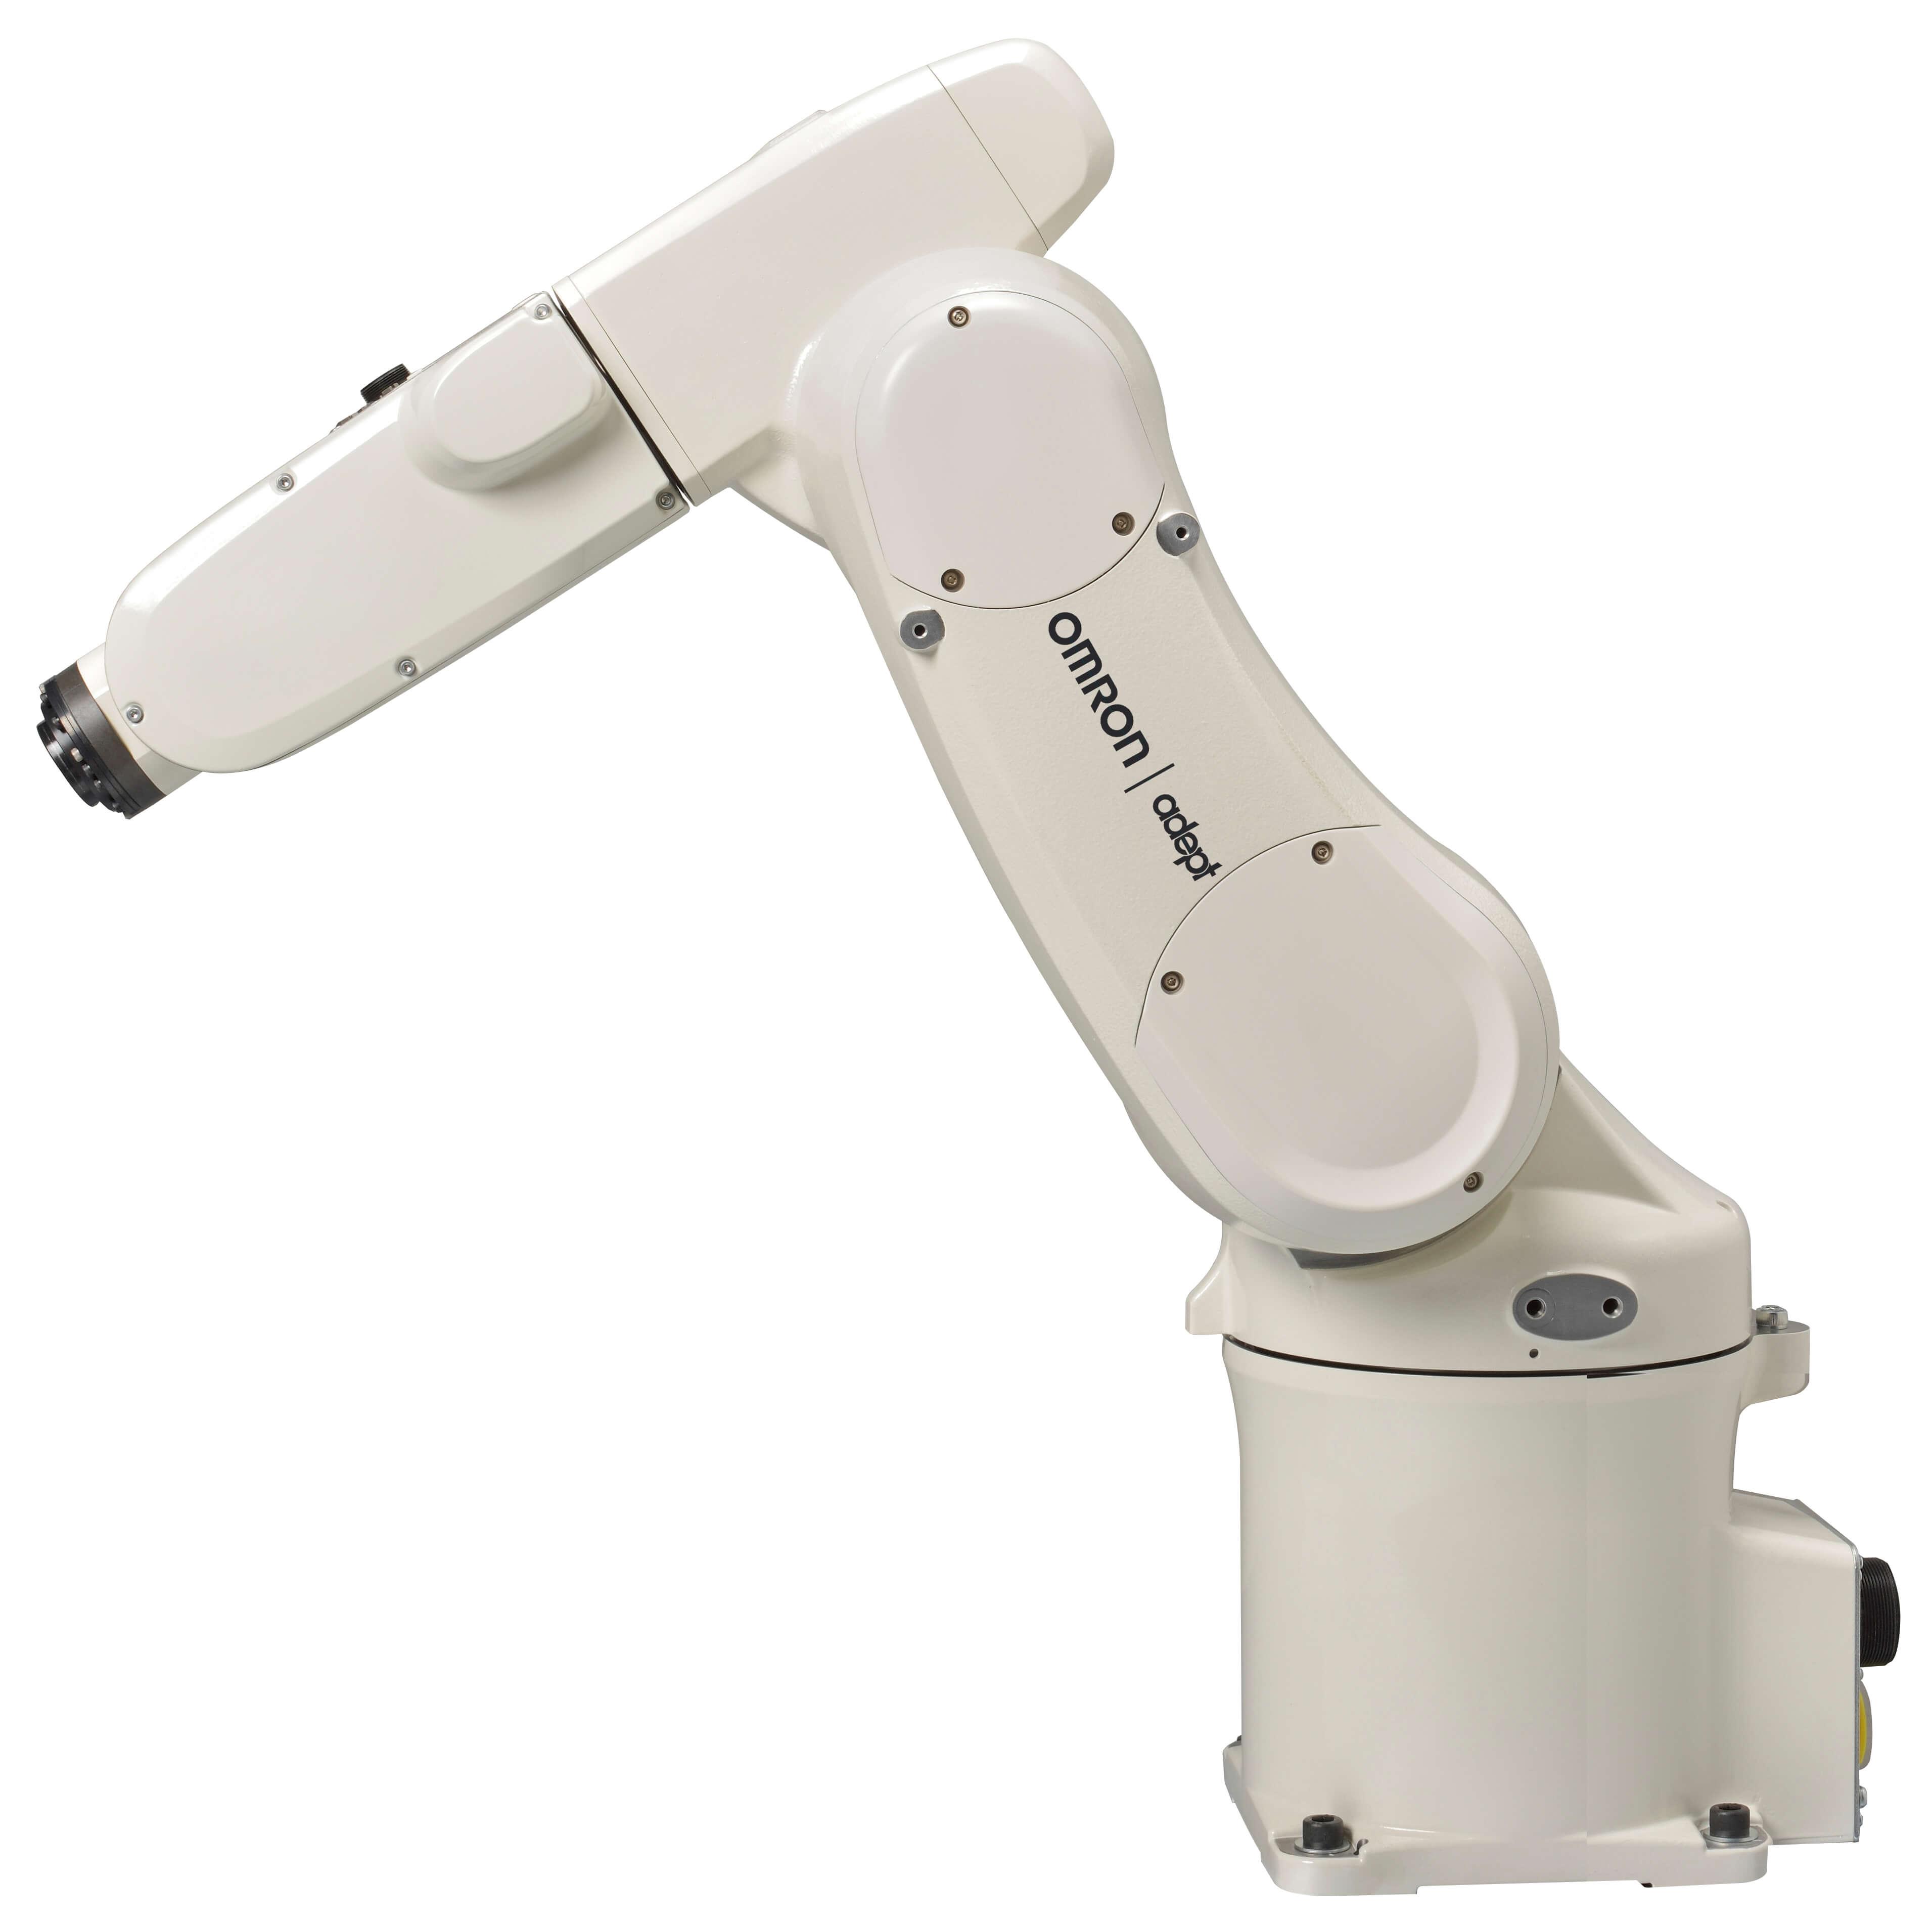 viper s650 six-axis robot prod